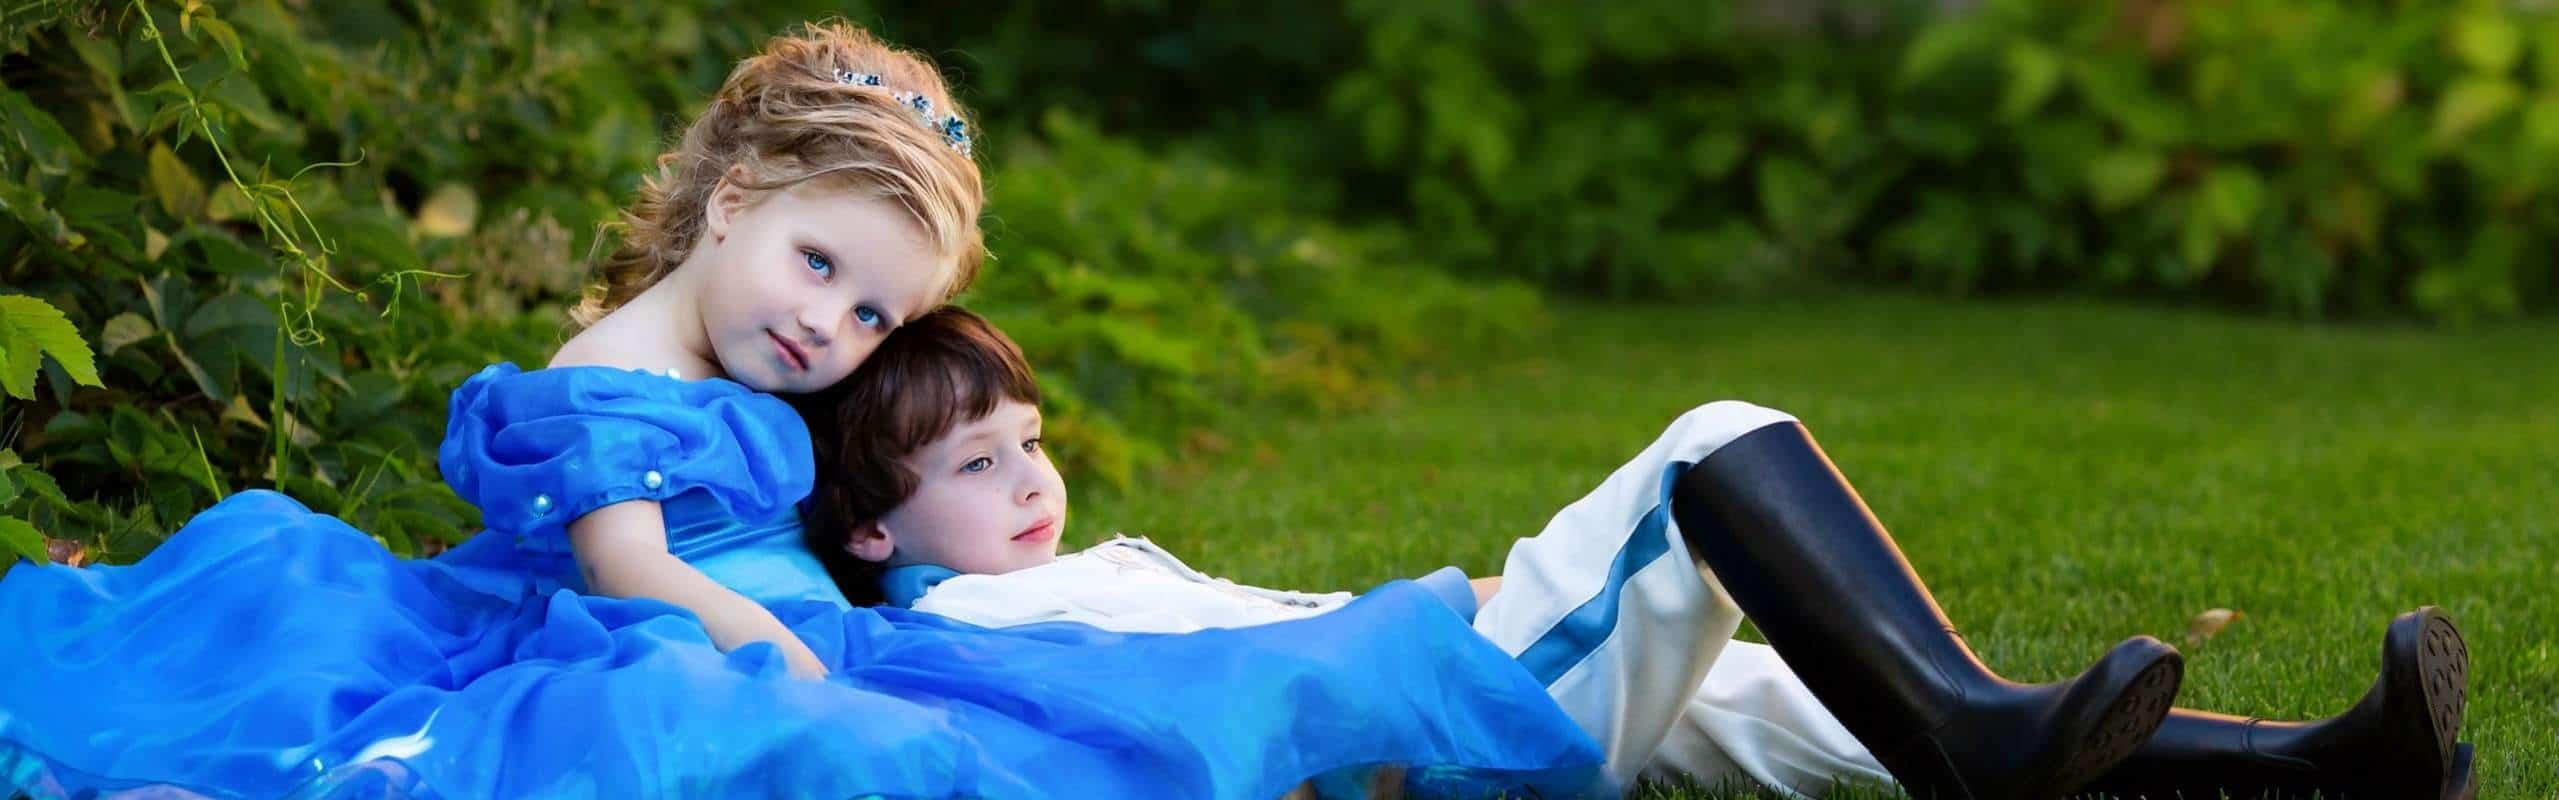 qué es el síndrome de cenicienta y cómo afecta a los niños